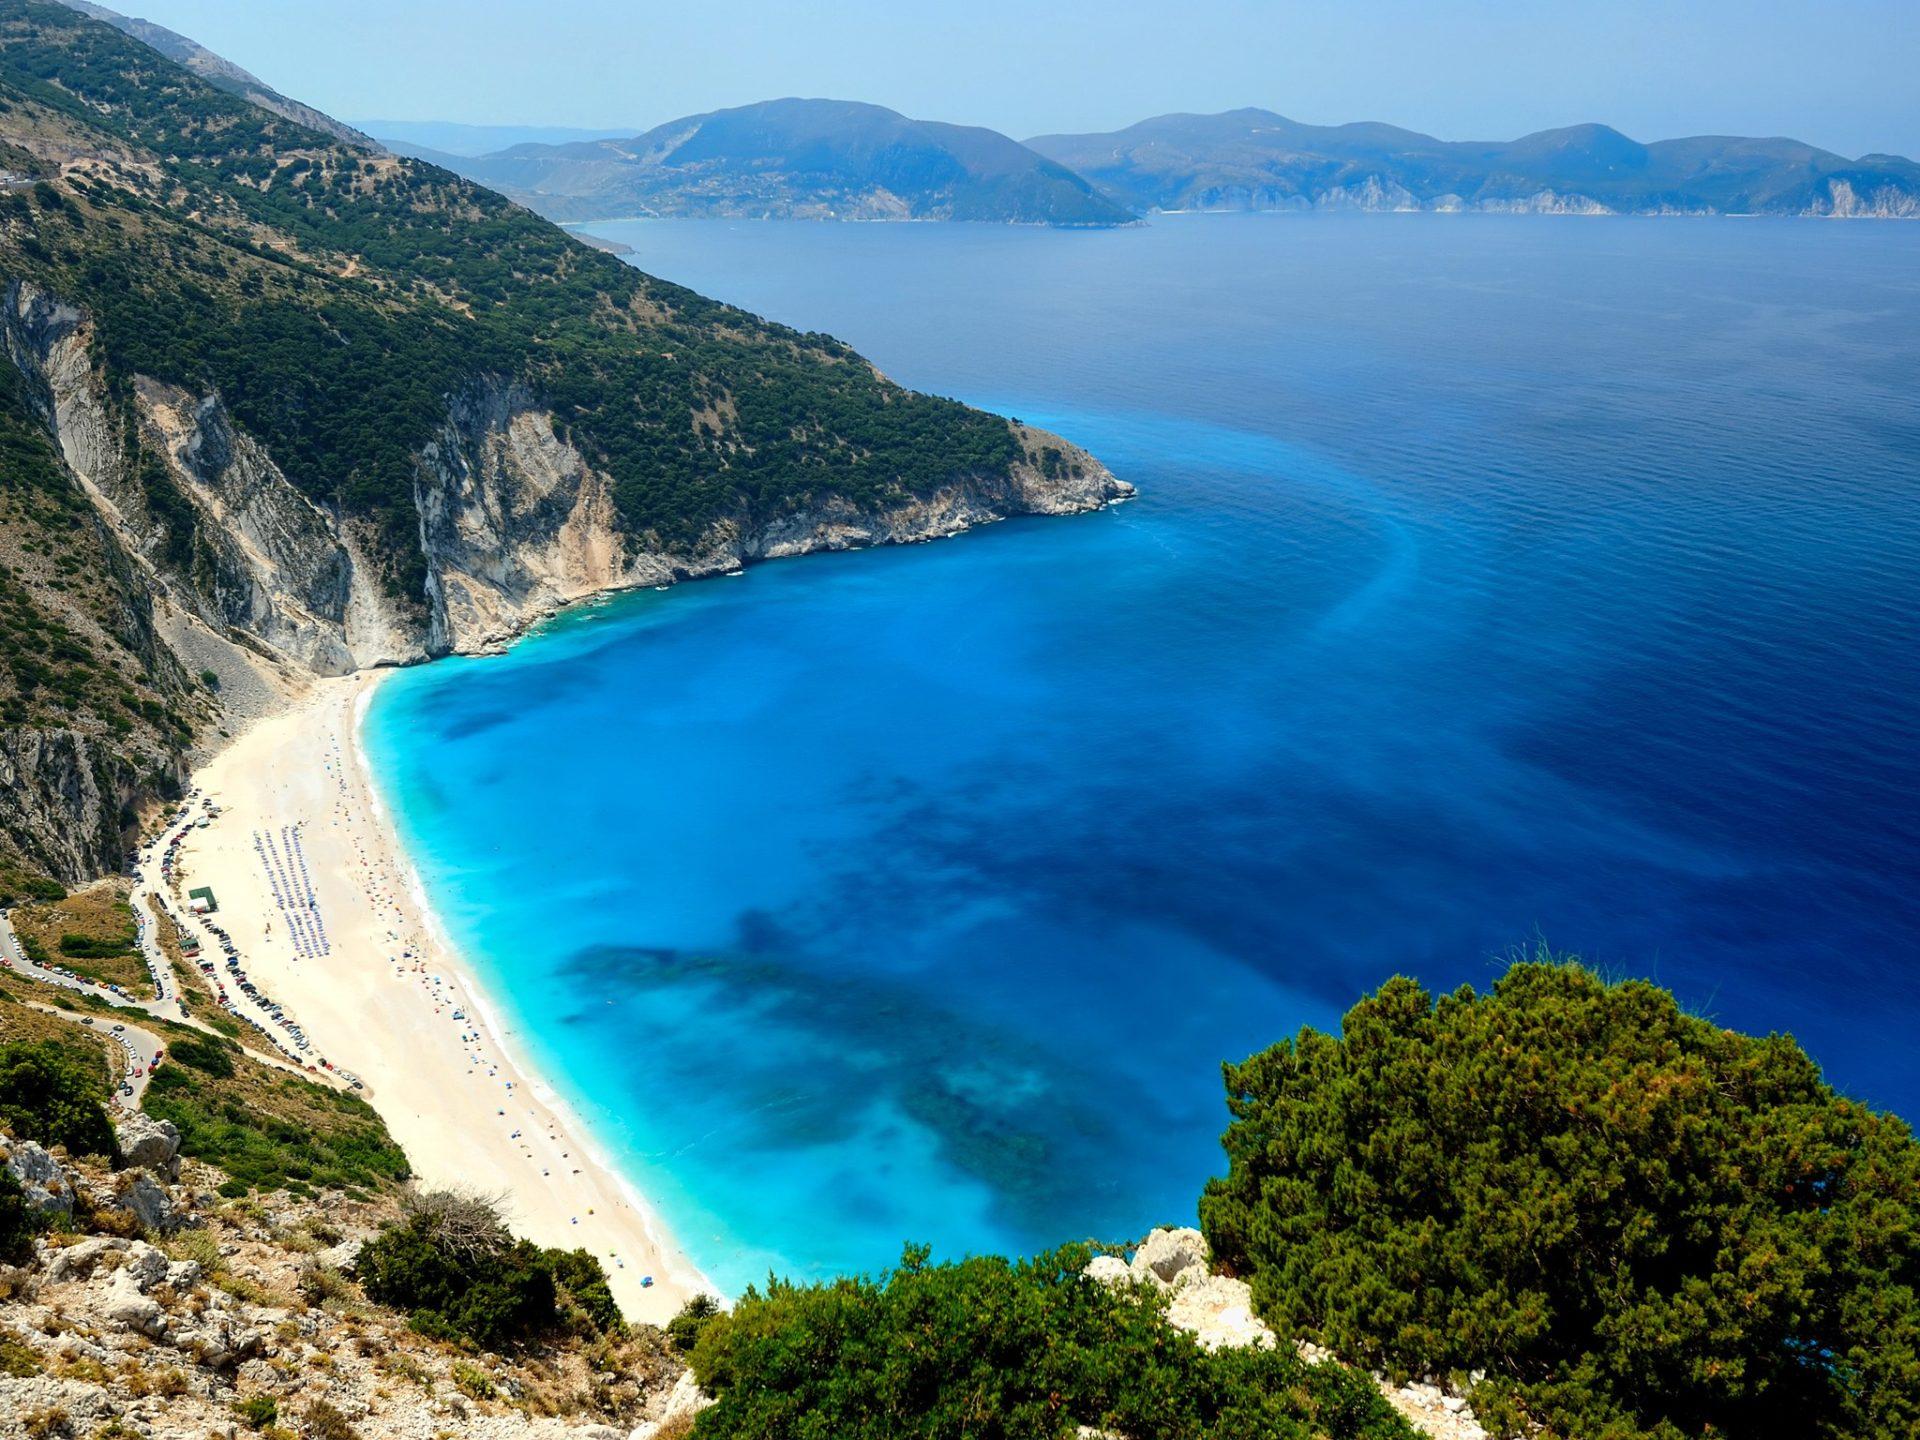 9. Пляж Миртос, остров Кефалония, Греция.